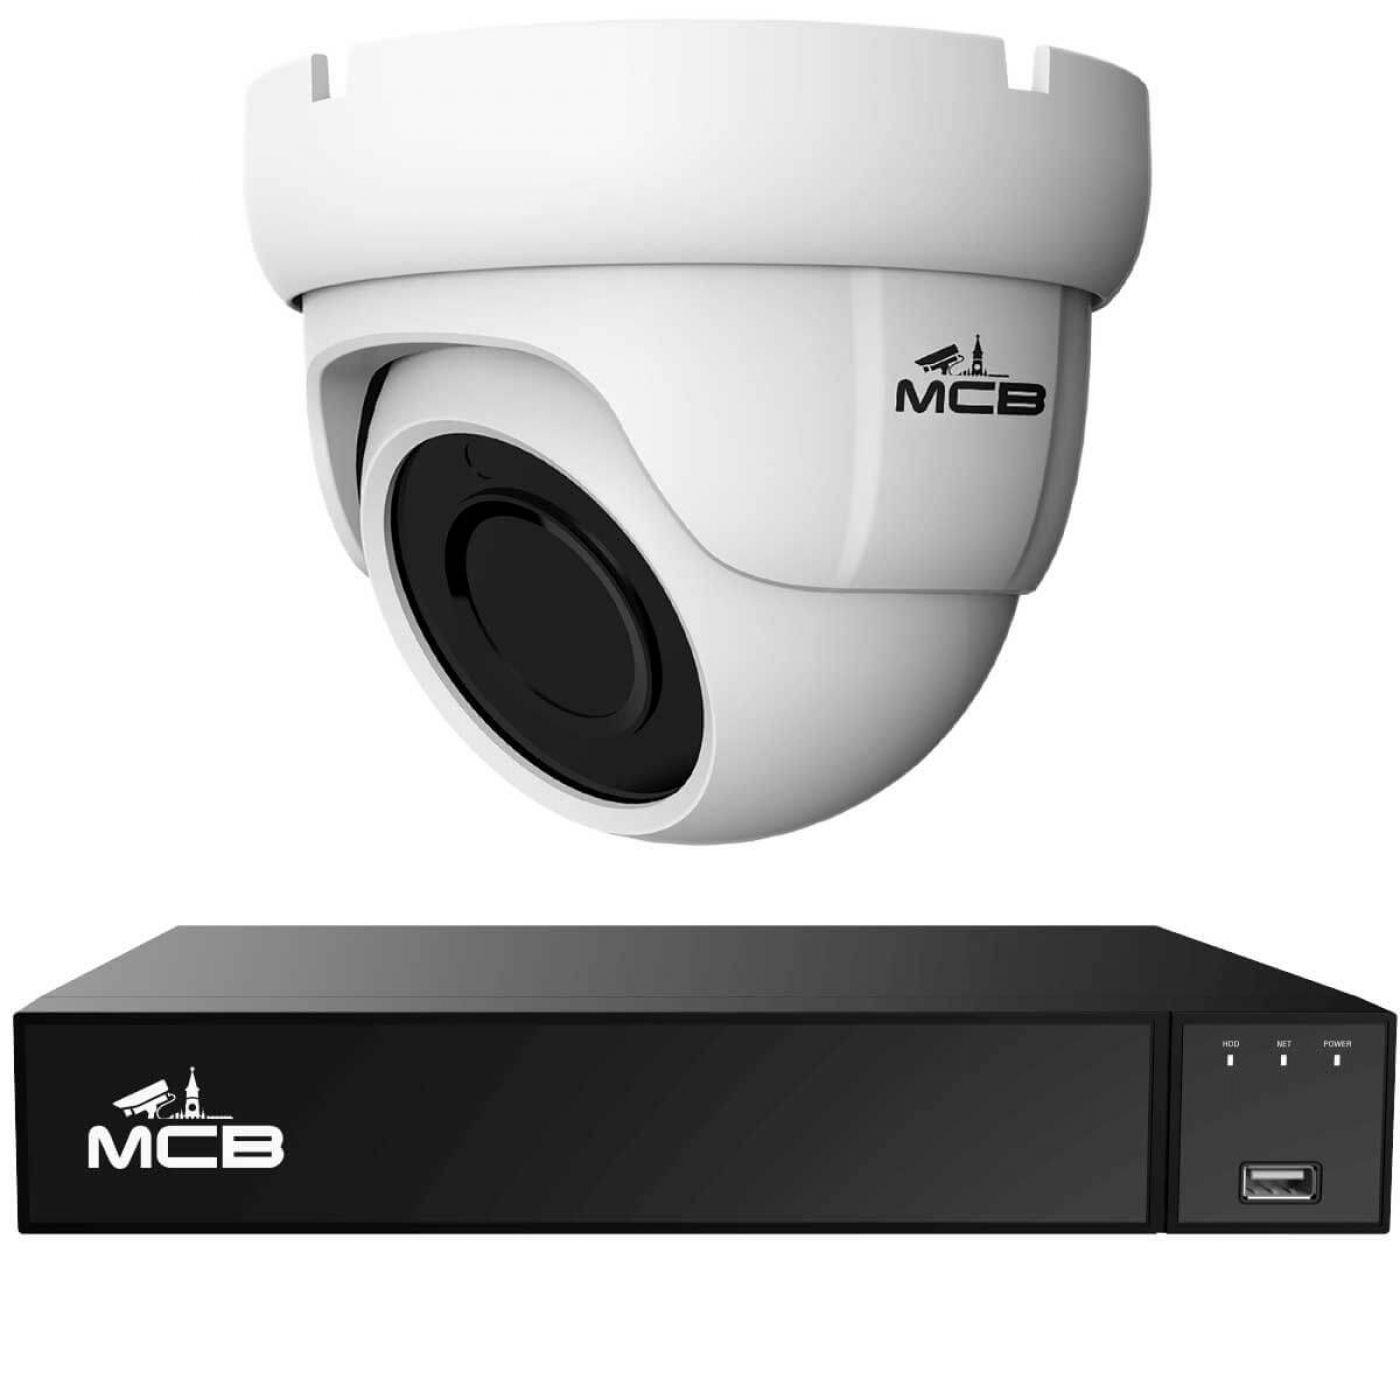 Готовый комплект IP видеонаблюдения на 1 камеру Full HD со звуком